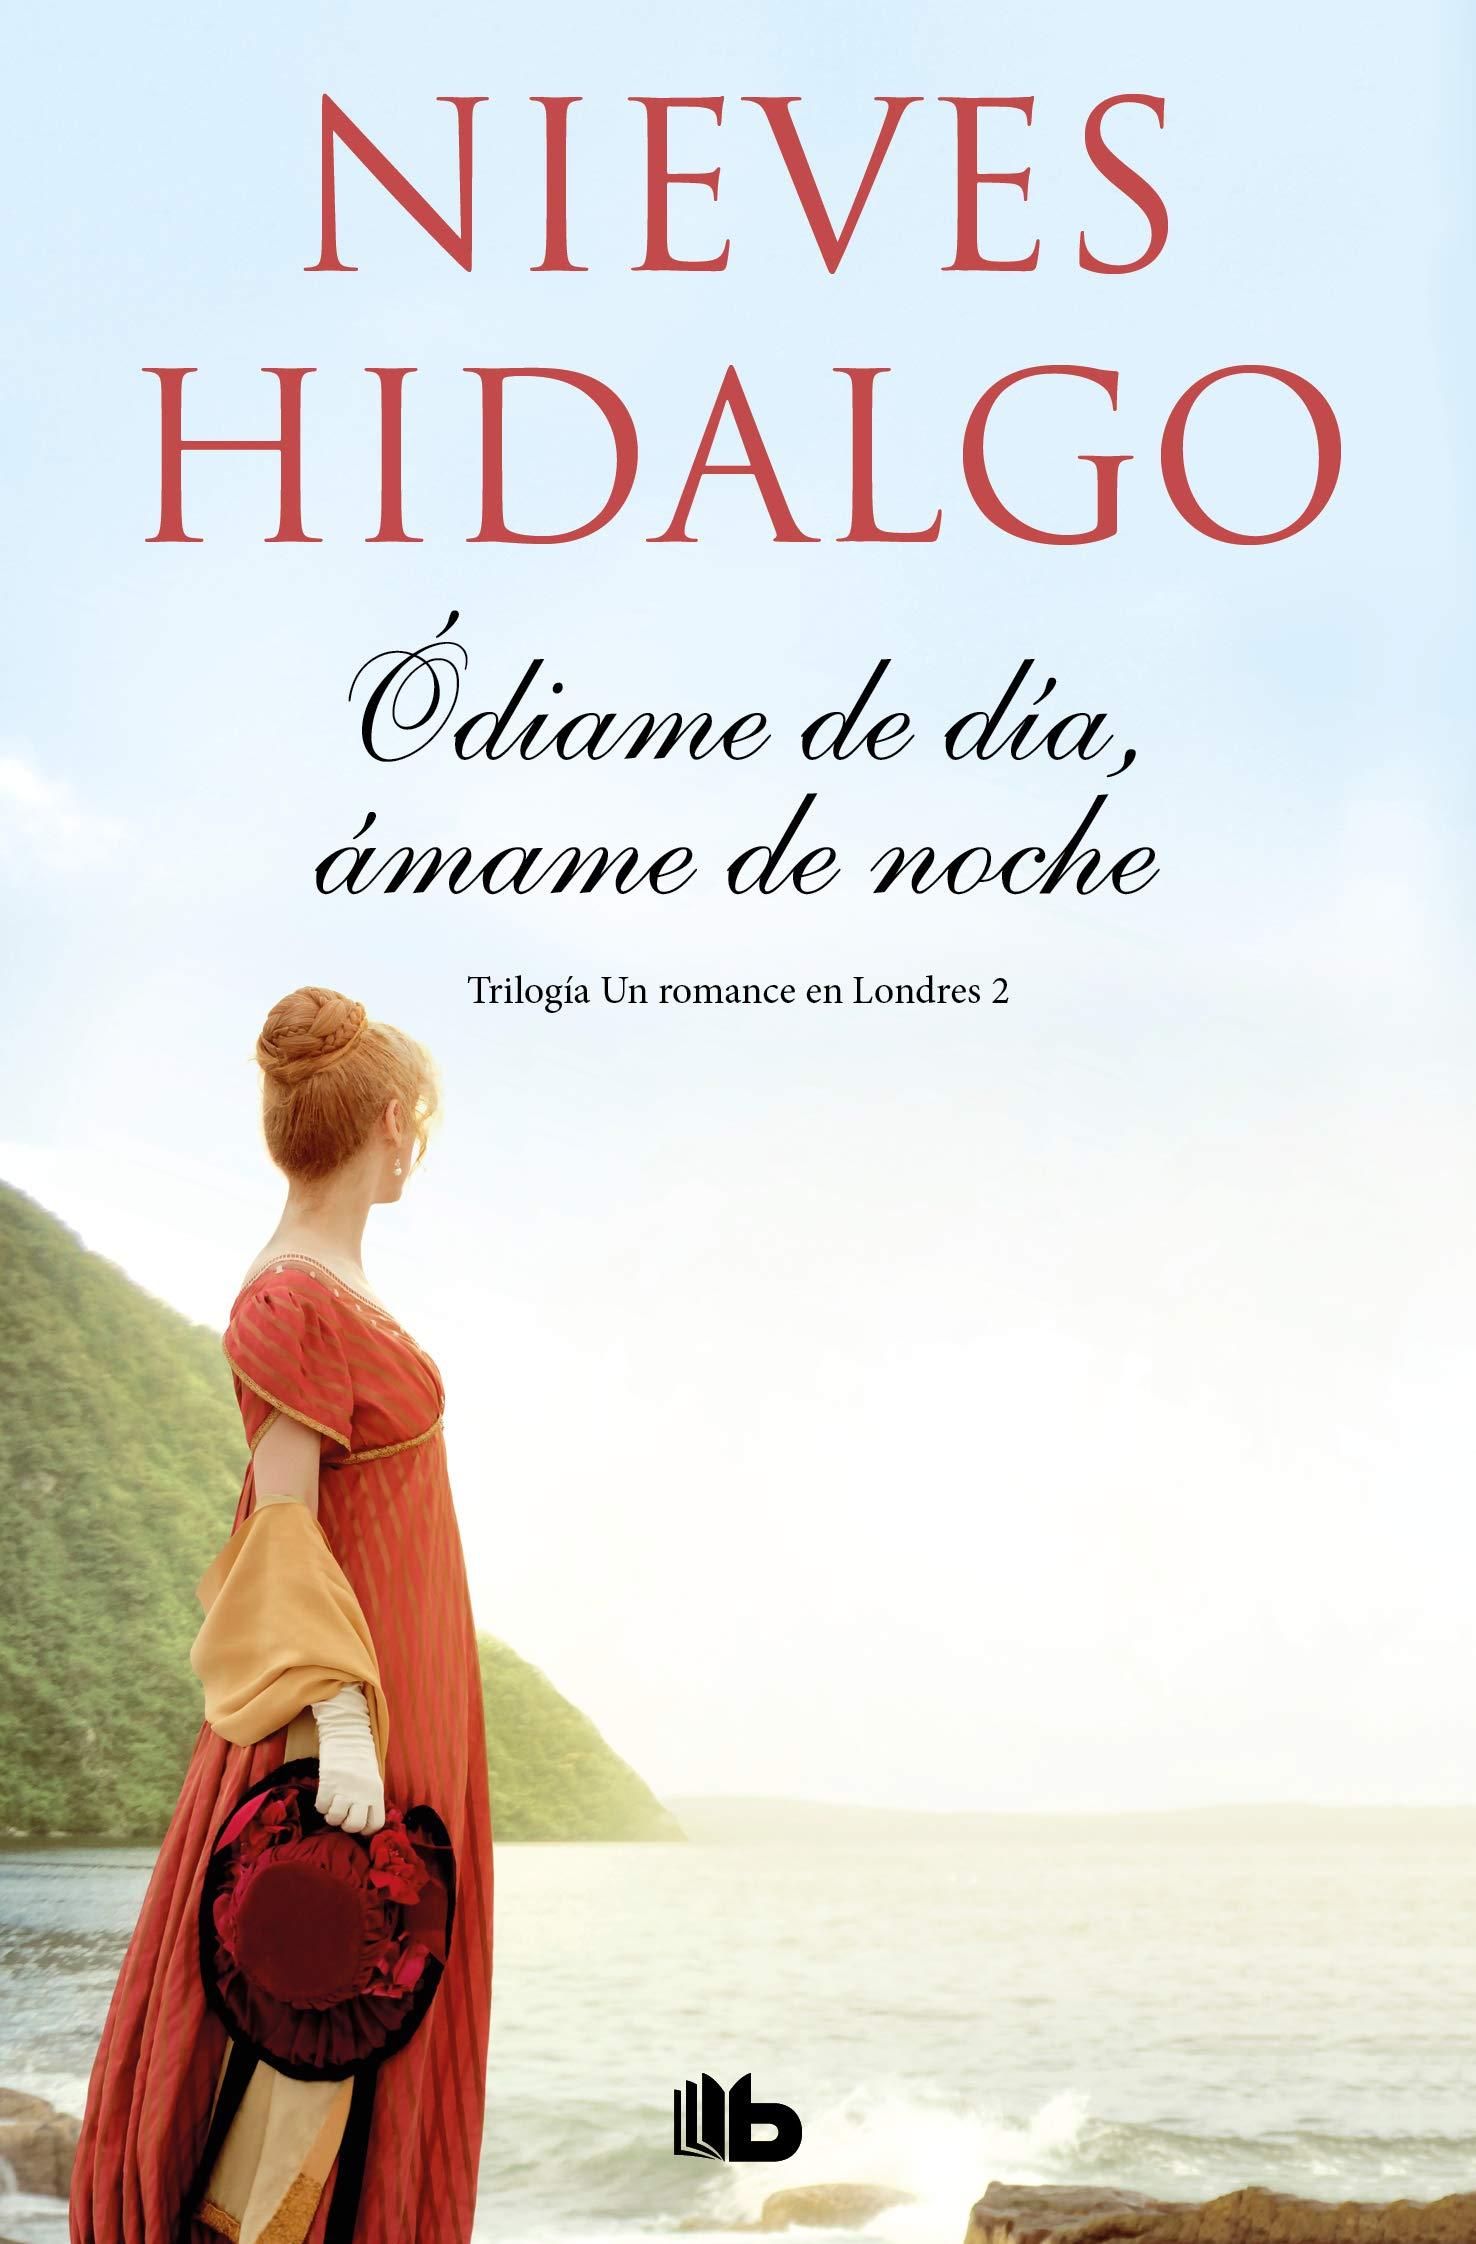 Ódiame de día, ámame de noche Un romance en Londres 2: Amazon.es: Hidalgo, Nieves: Libros